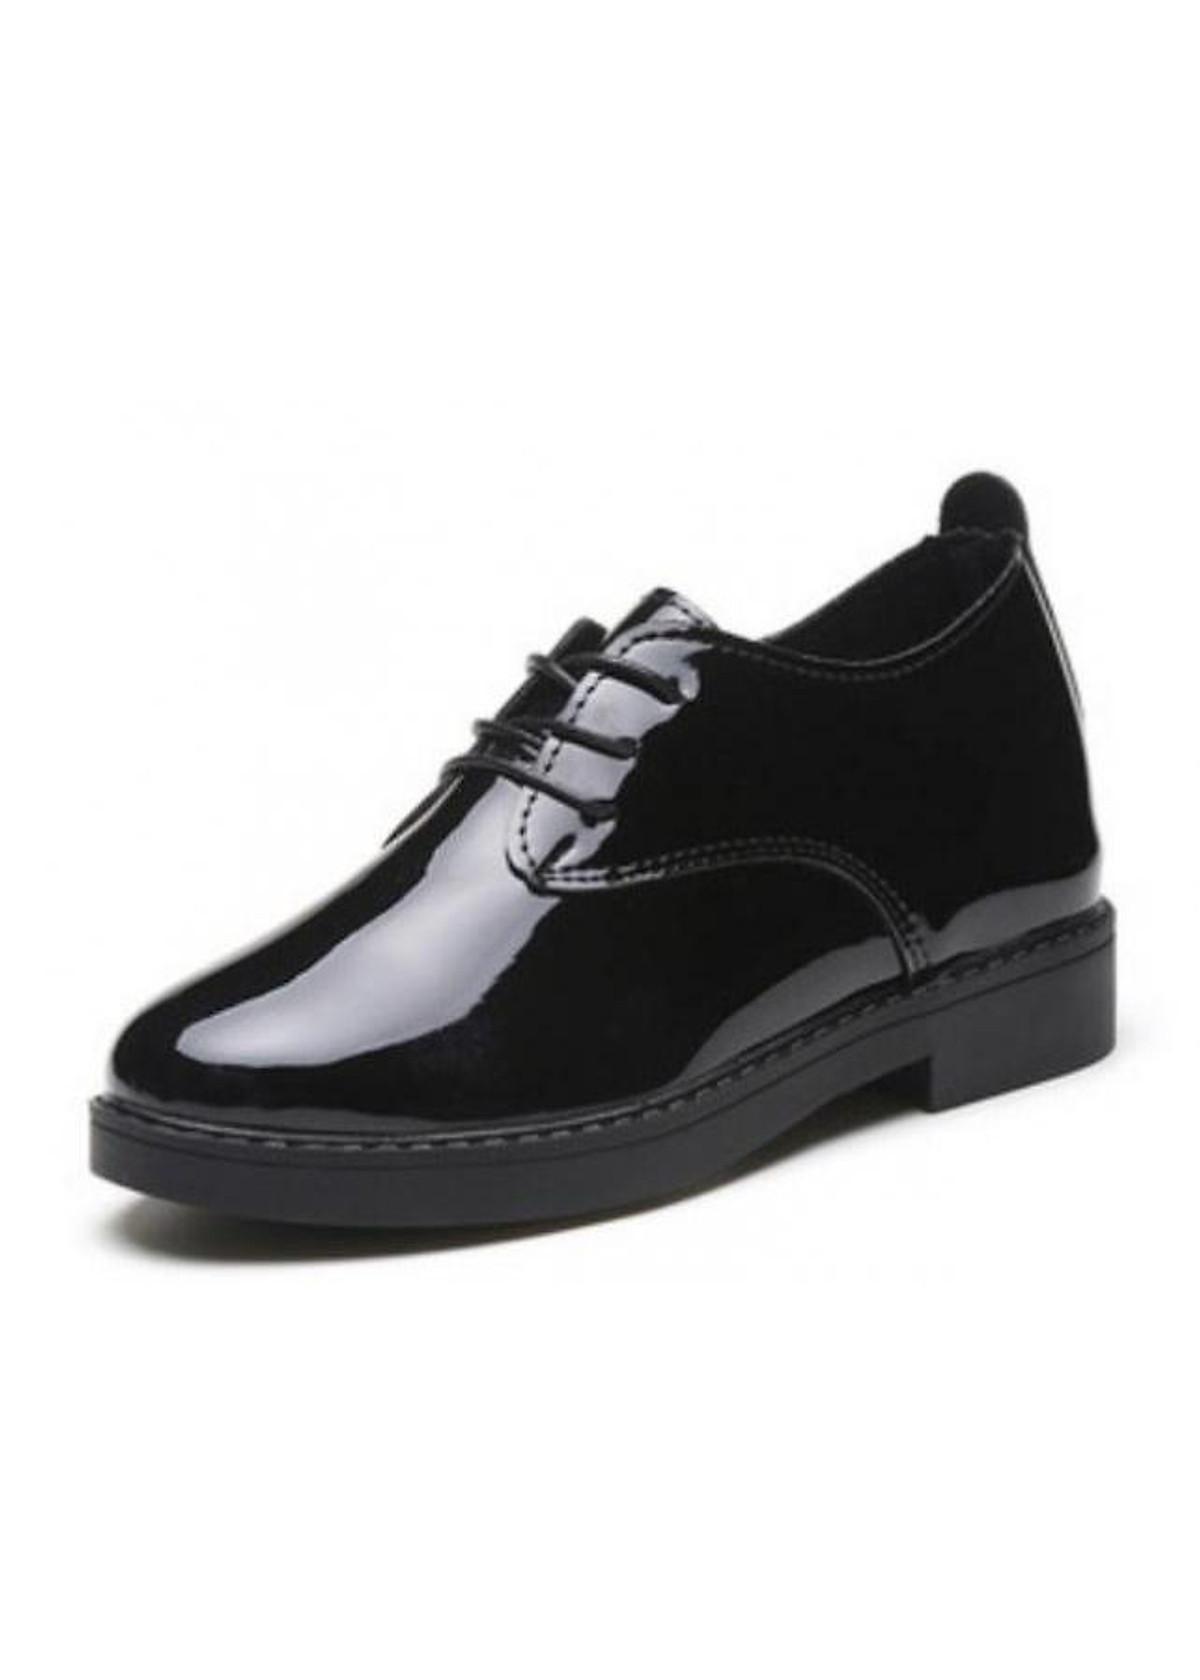 Giày thời trang Oxford M007 - 1